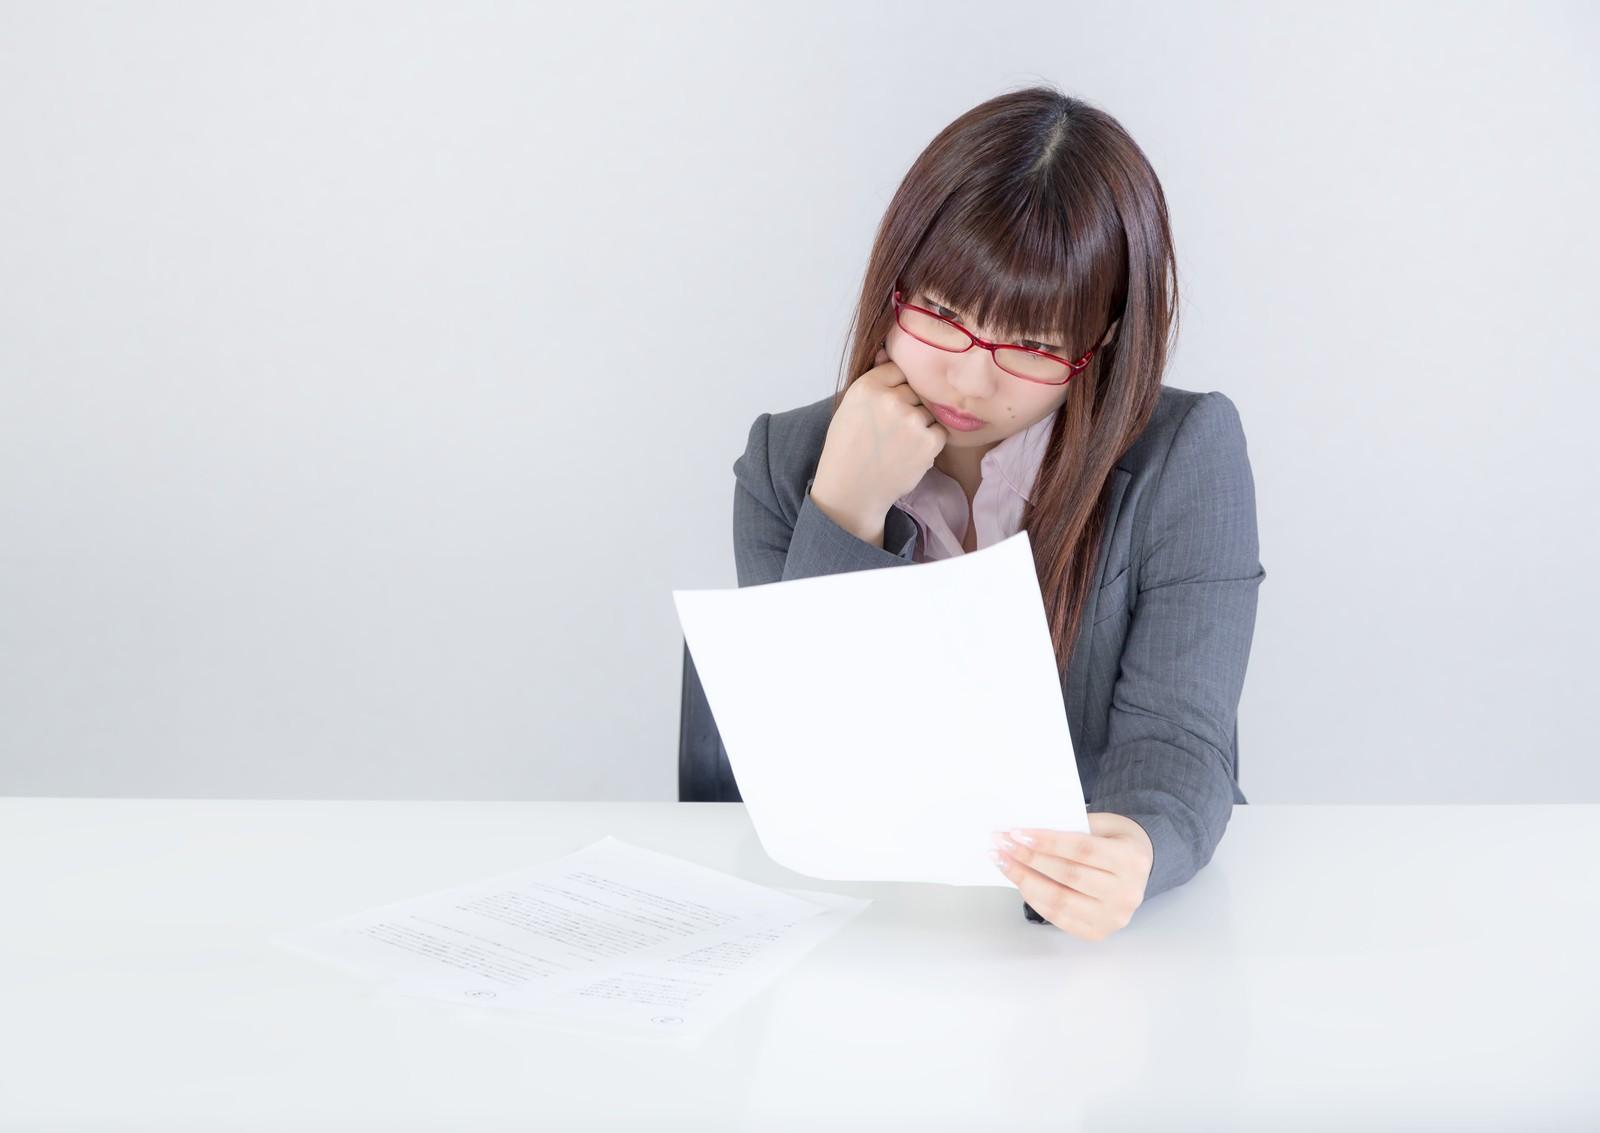 派遣社員の実態と派遣社員から正社員に転職する為にやるべきこと